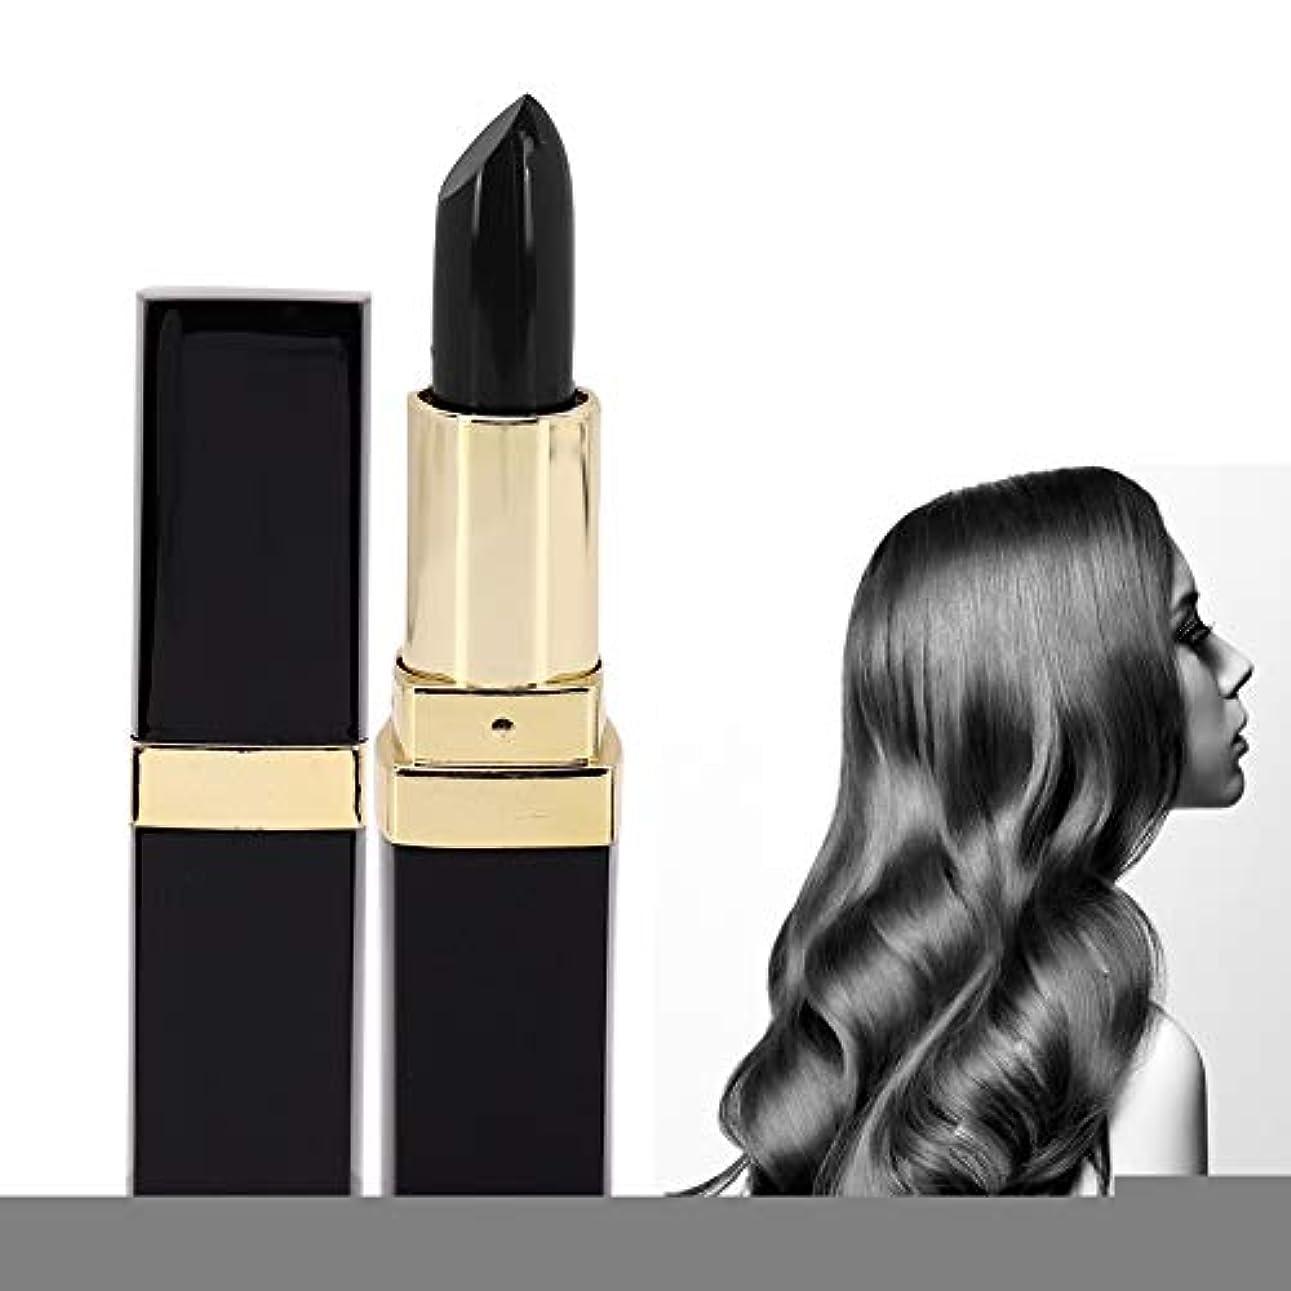 構成するボタン簡略化する使い捨ての髪の色は鉛筆スティック美容ツールを変更します(褐色), 使い捨てポータブル口紅の形の染料の髪の色は、鉛筆スティック美容ツールを変更します(茶色)